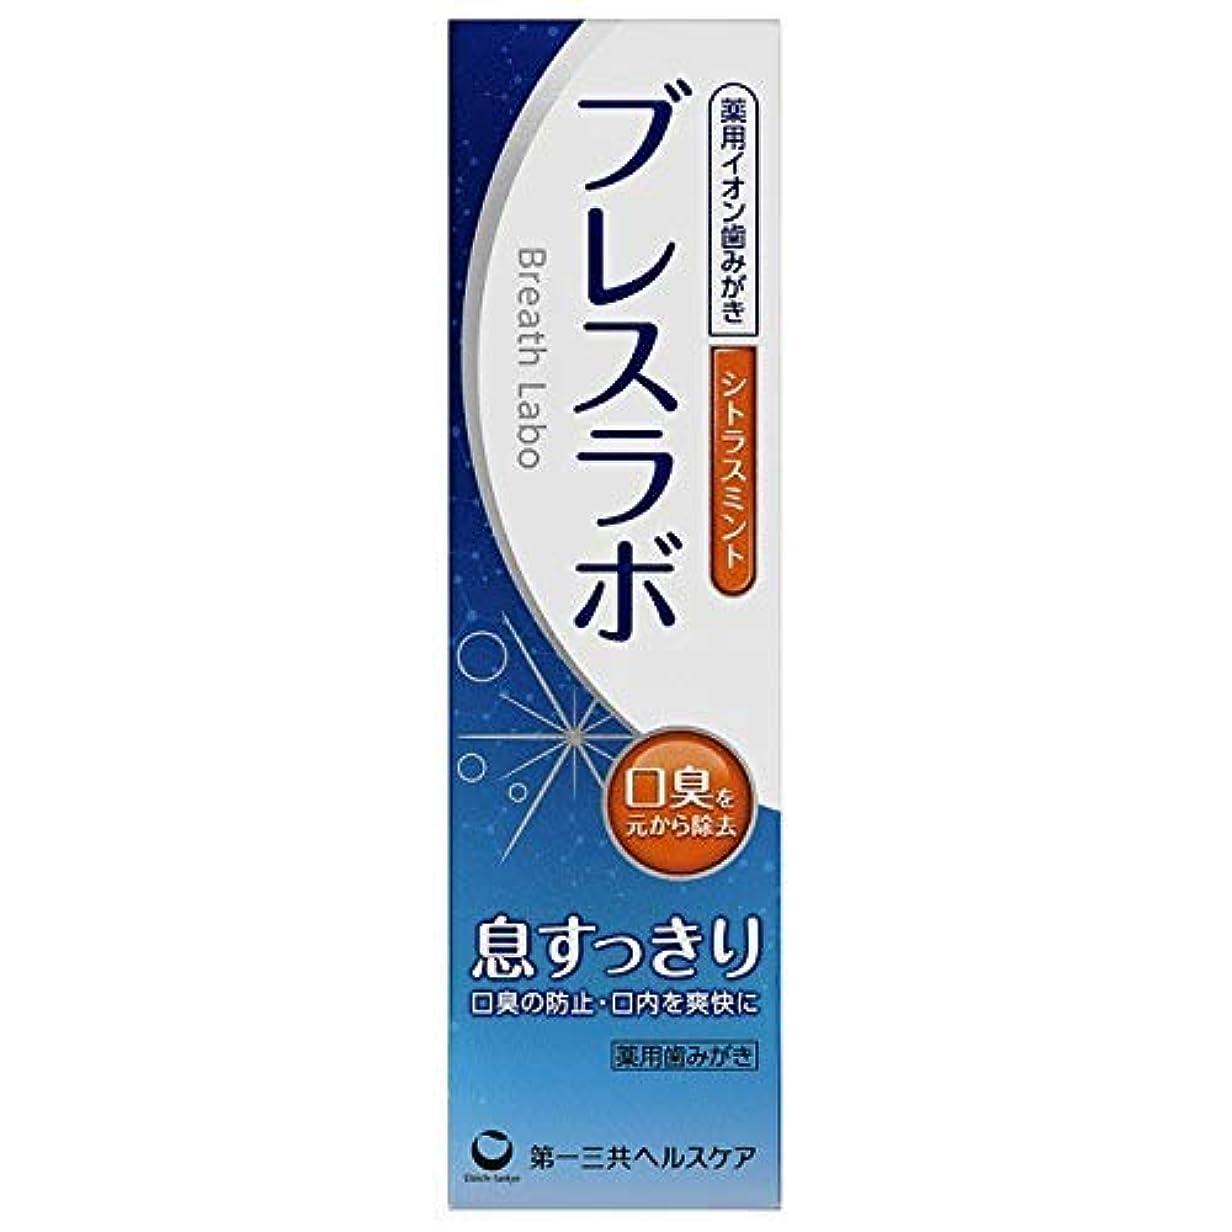 遅れ廃止億【5個セット】ブレスラボ シトラスミント 90g